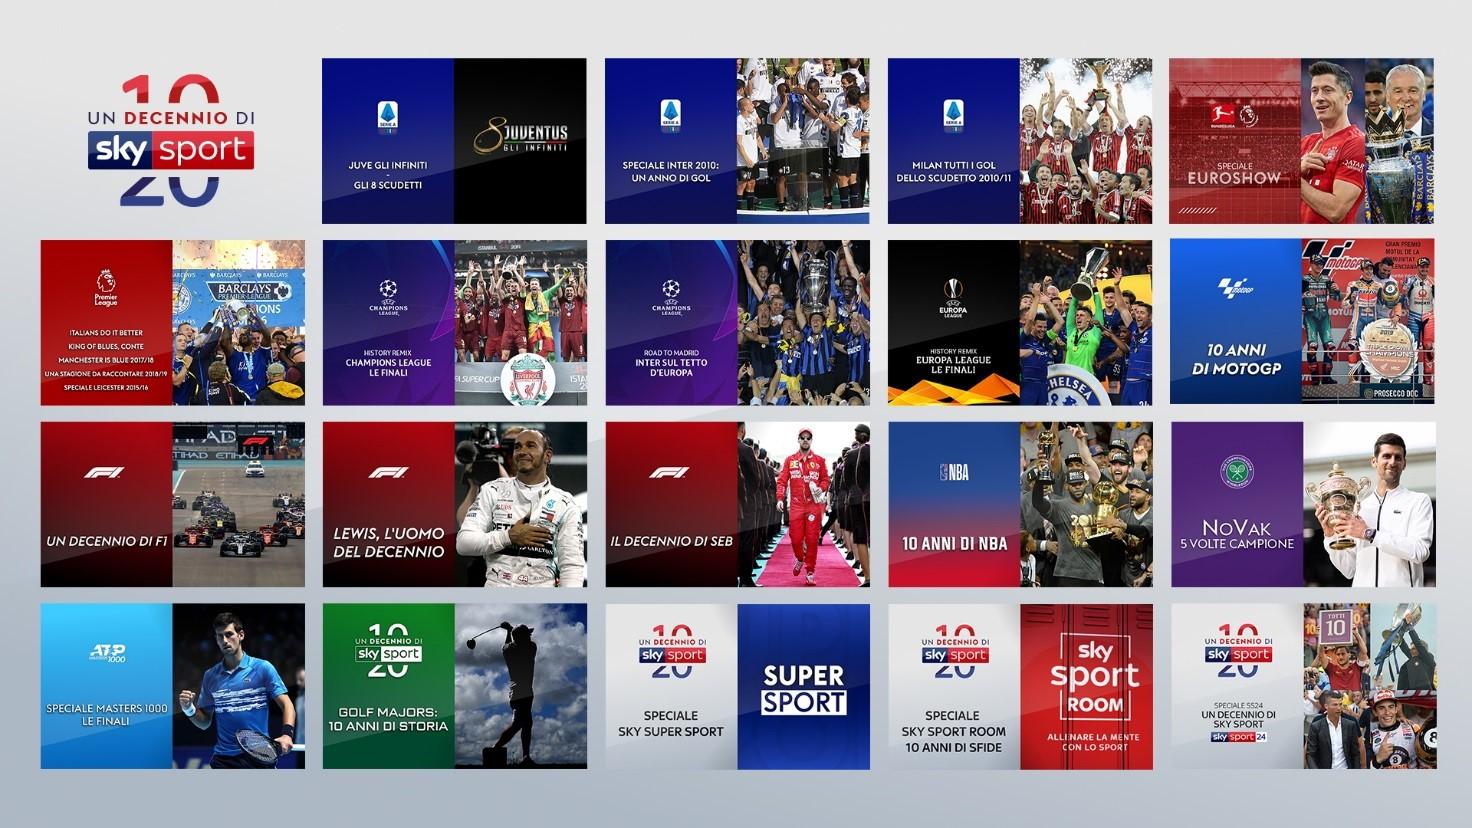 Un decennio di Sky Sport: maratona di speciali sul canale 205